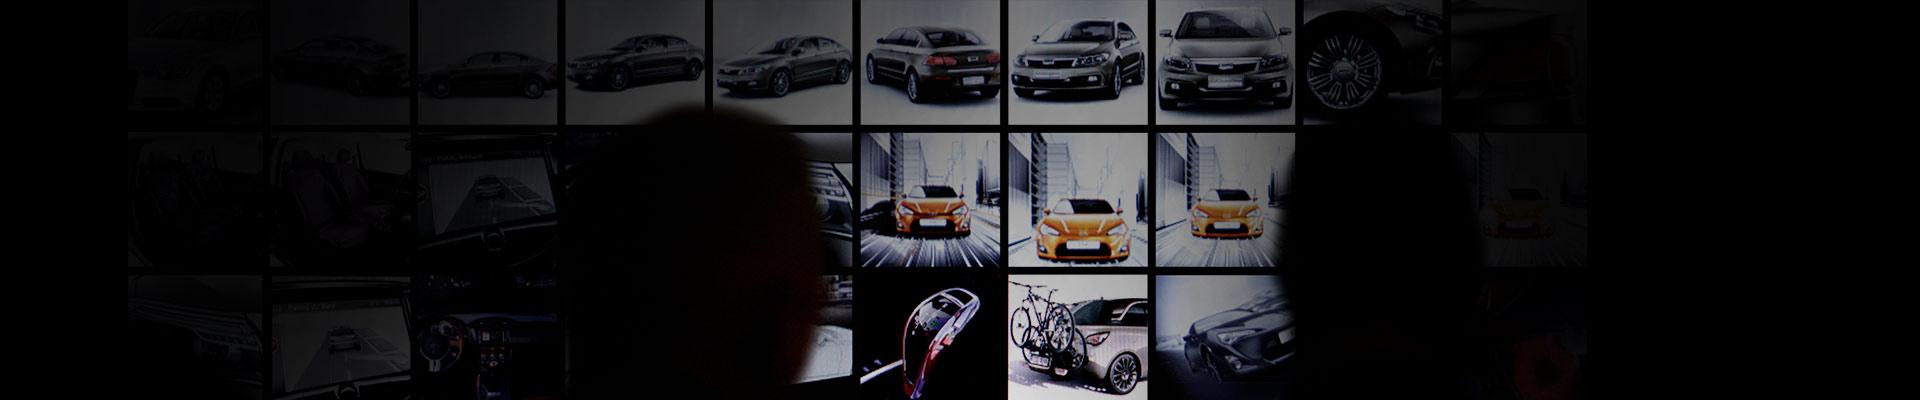 virtual-garage.jpg